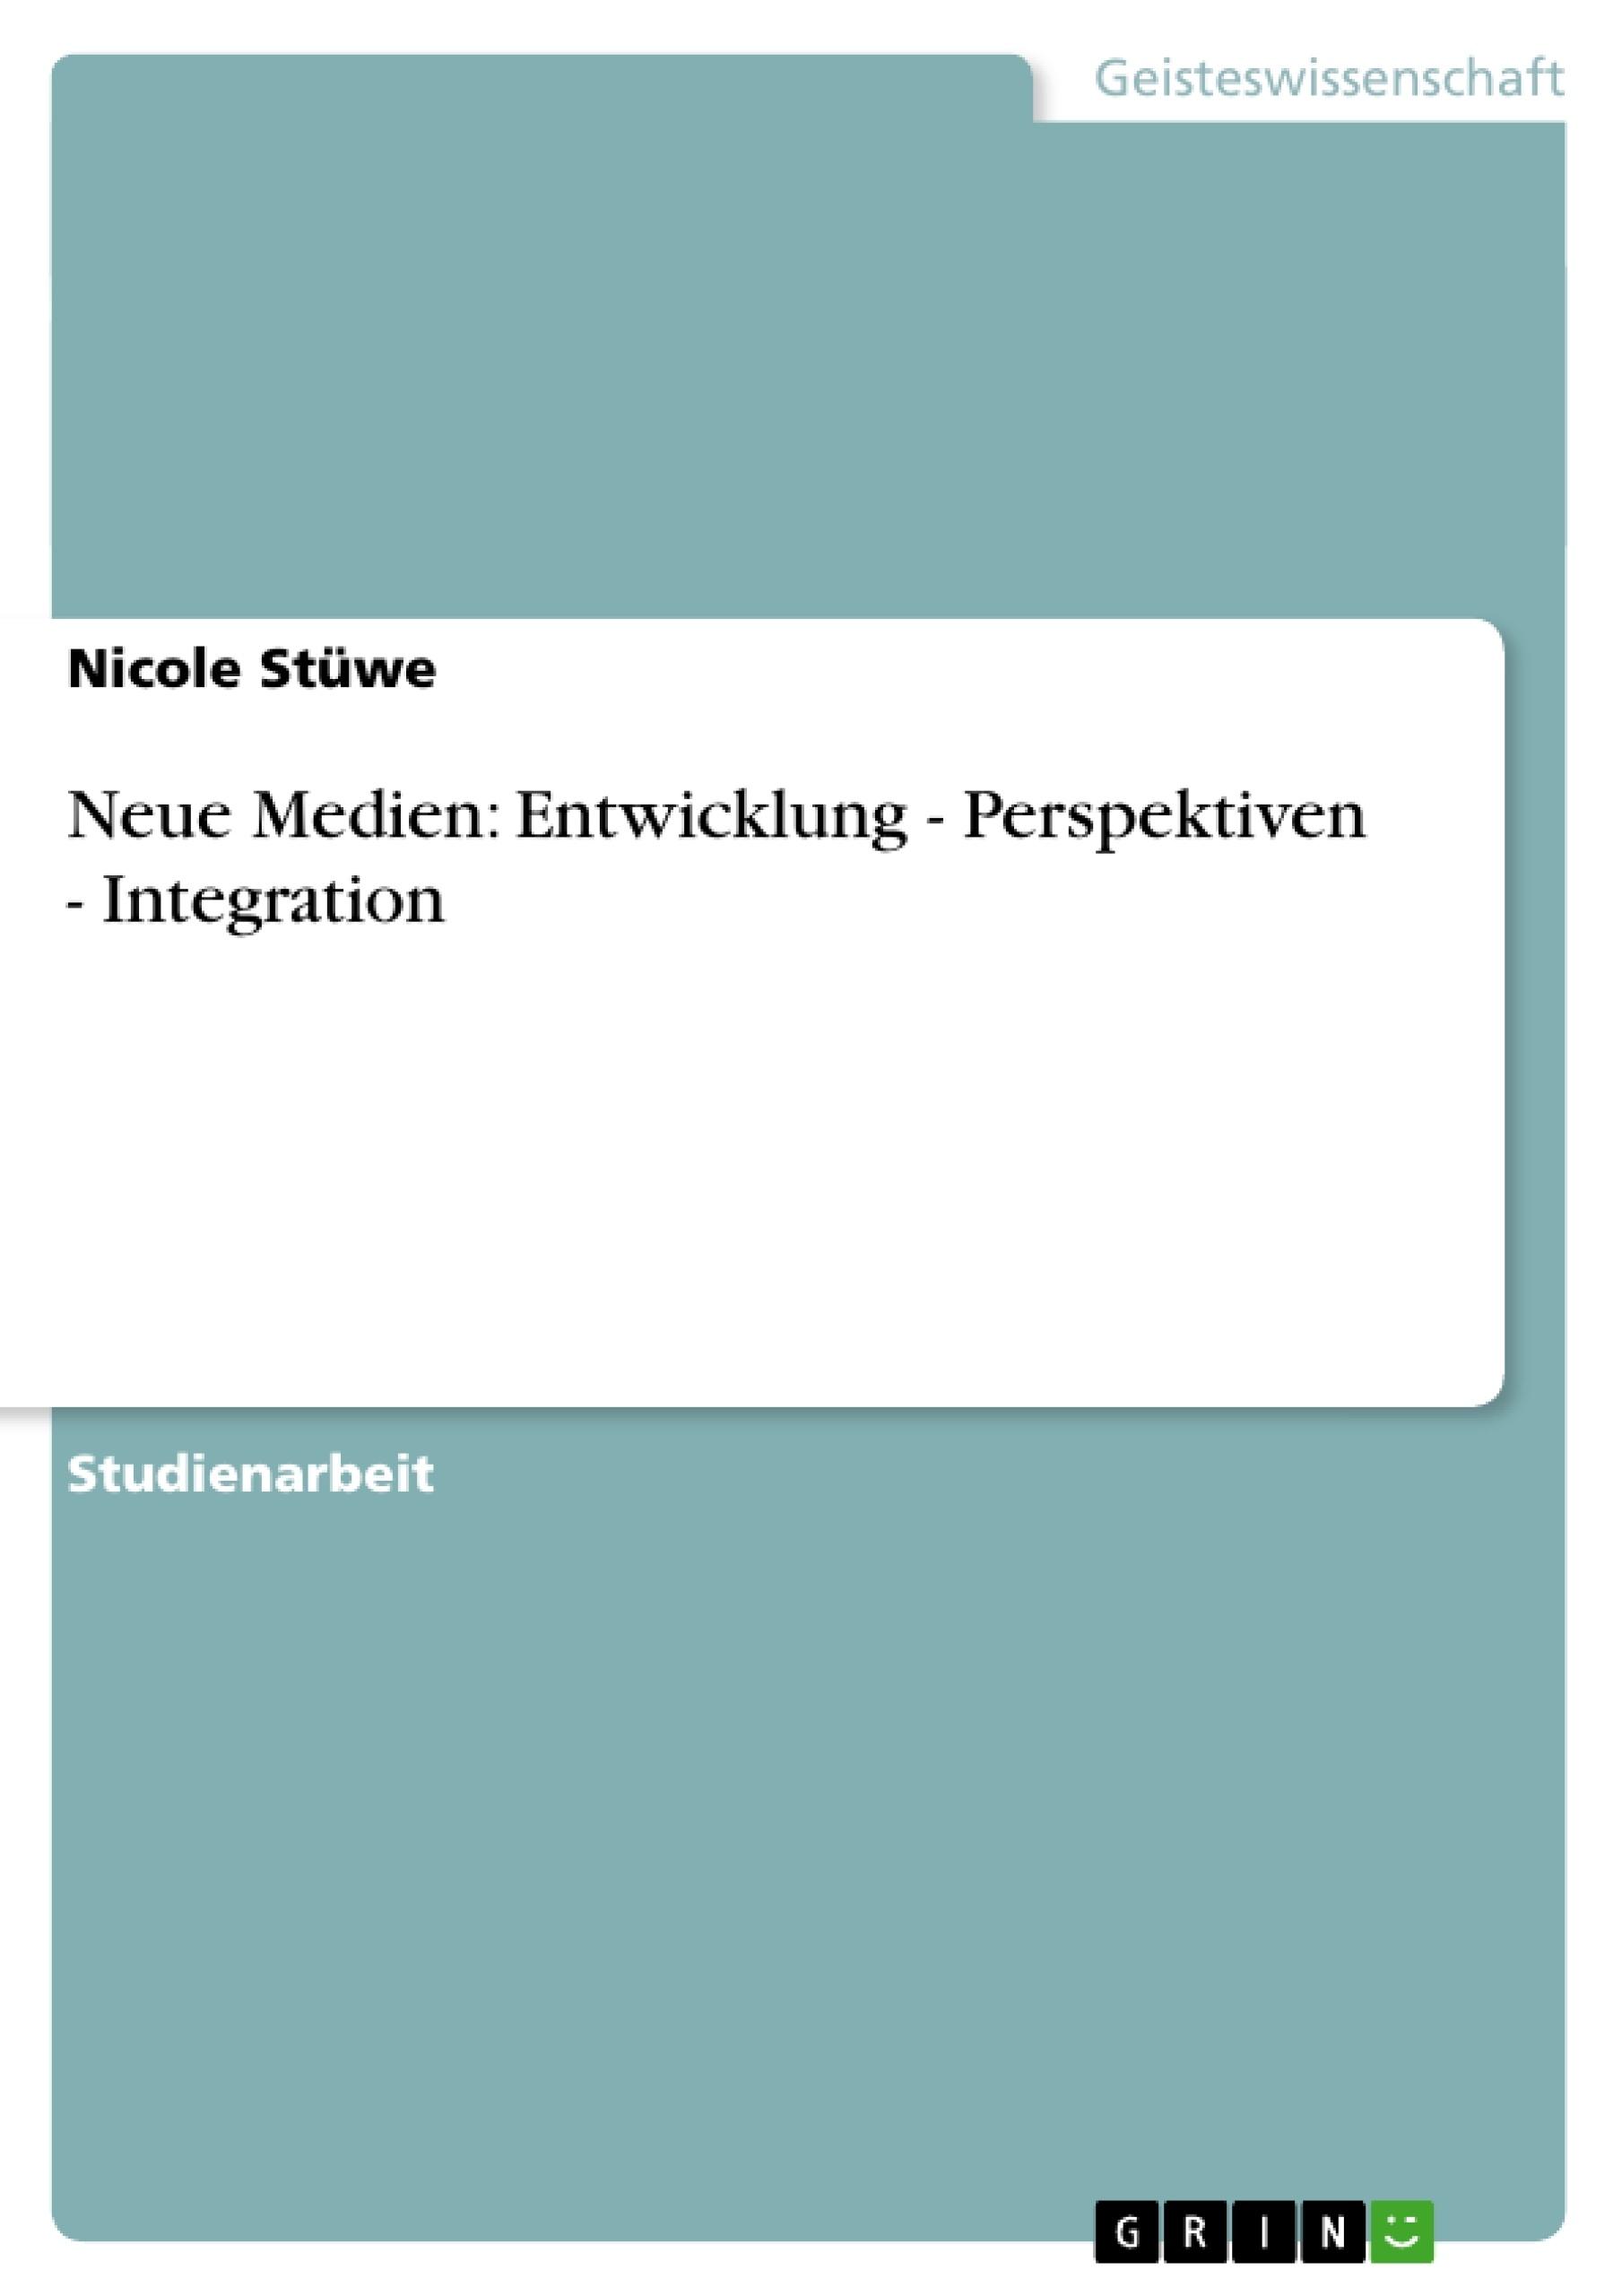 Titel: Neue Medien: Entwicklung - Perspektiven - Integration